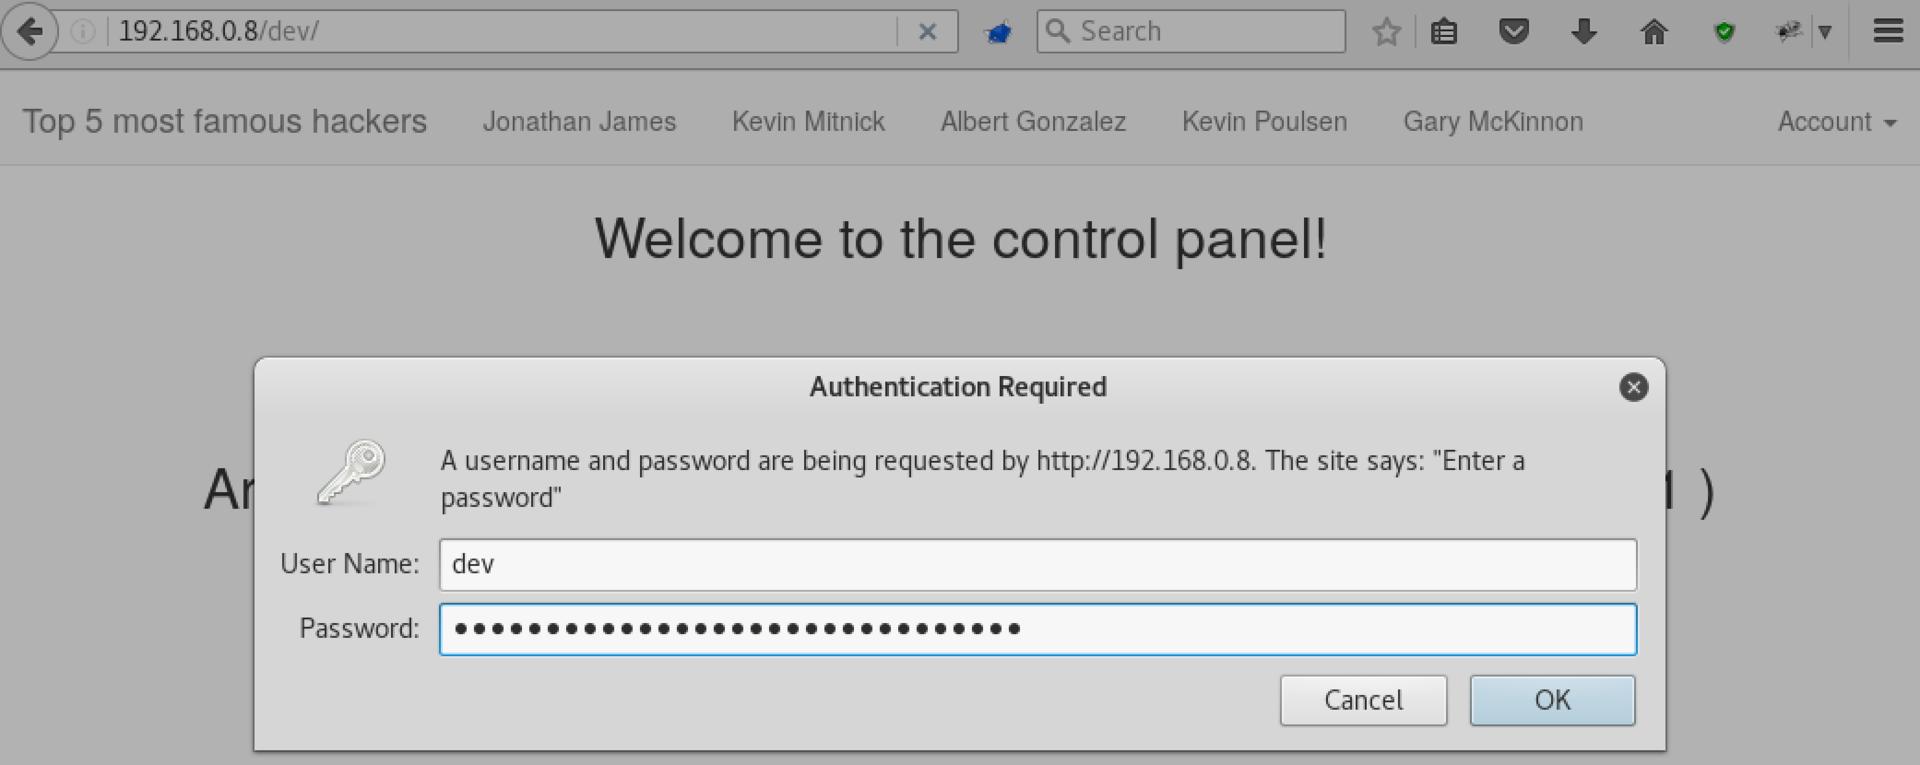 Пентест в Global Data Security — прохождение 10-й лаборатории Pentestit - 49